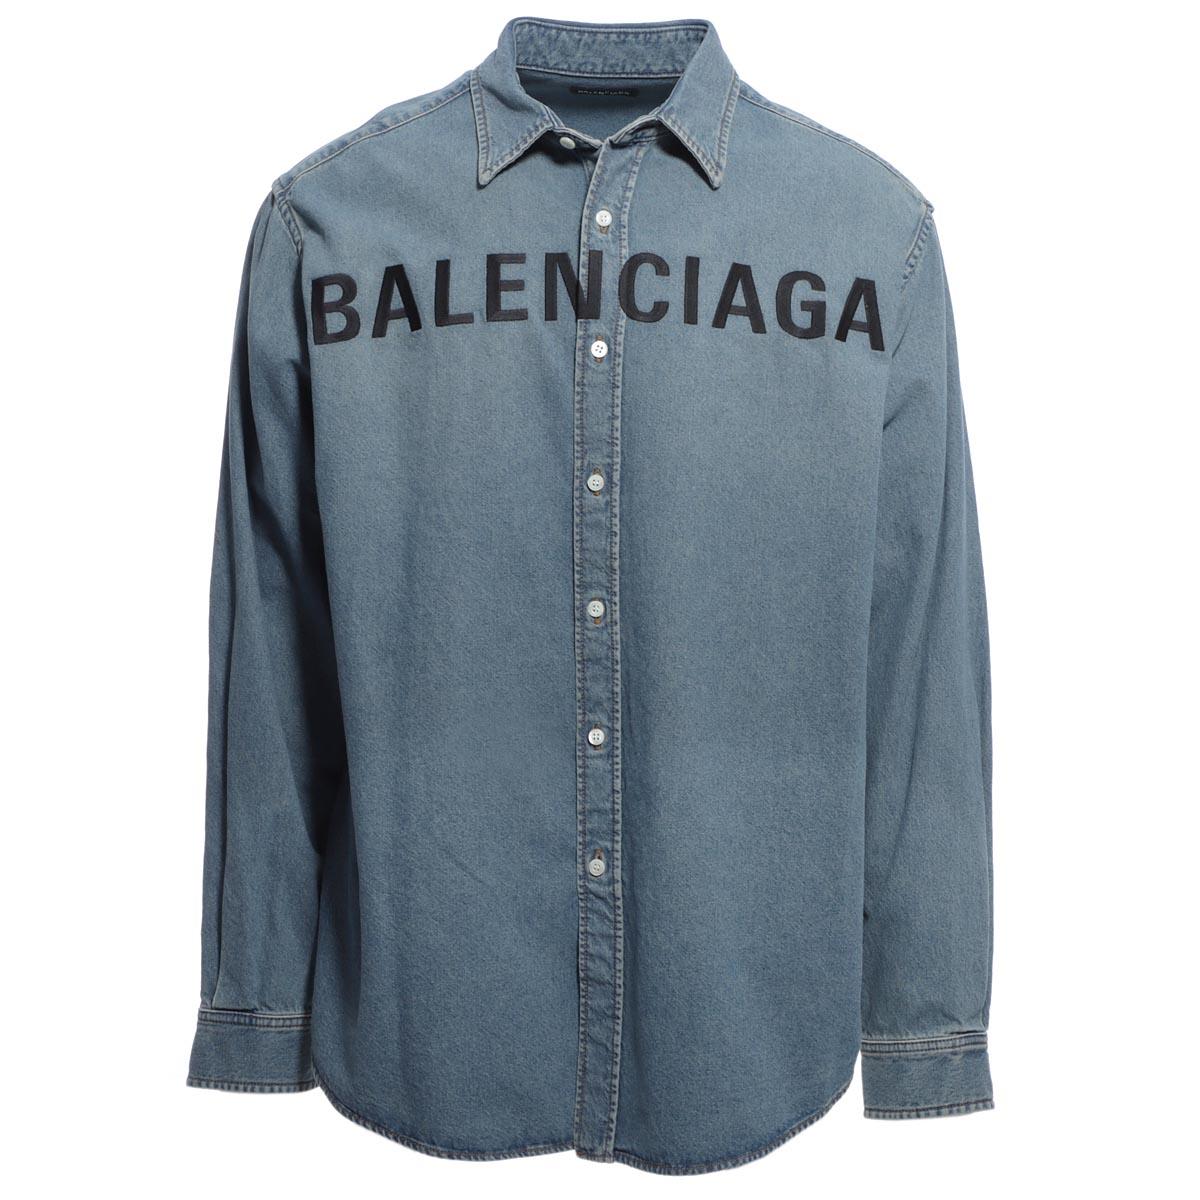 バレンシアガ BALENCIAGA デニムシャツ ブルー メンズ コットン 綿 長袖 600280 tye24 4065【あす楽対応_関東】【返品送料無料】【ラッピング無料】